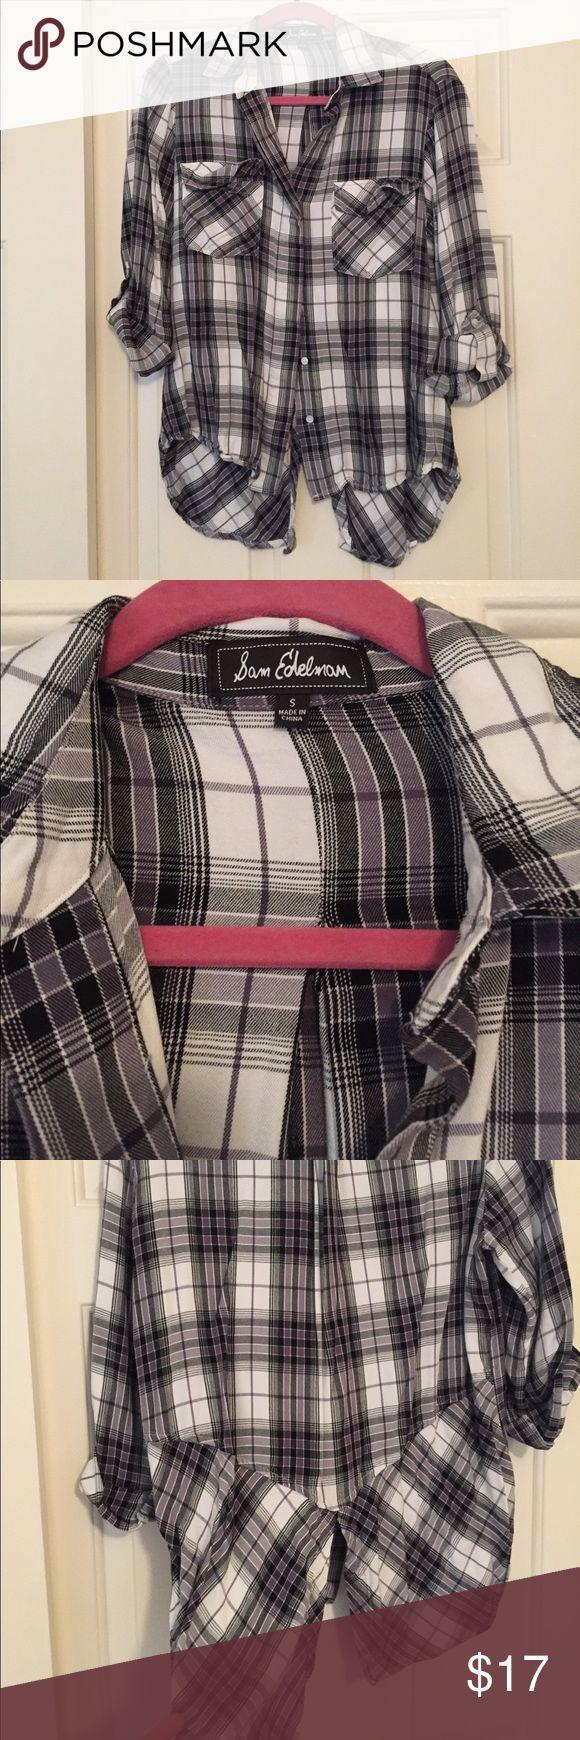 Sam Edelman shirt Black and white soft material. High low cut. Runs a little big Sam Edelman Tops Button Down Shirts